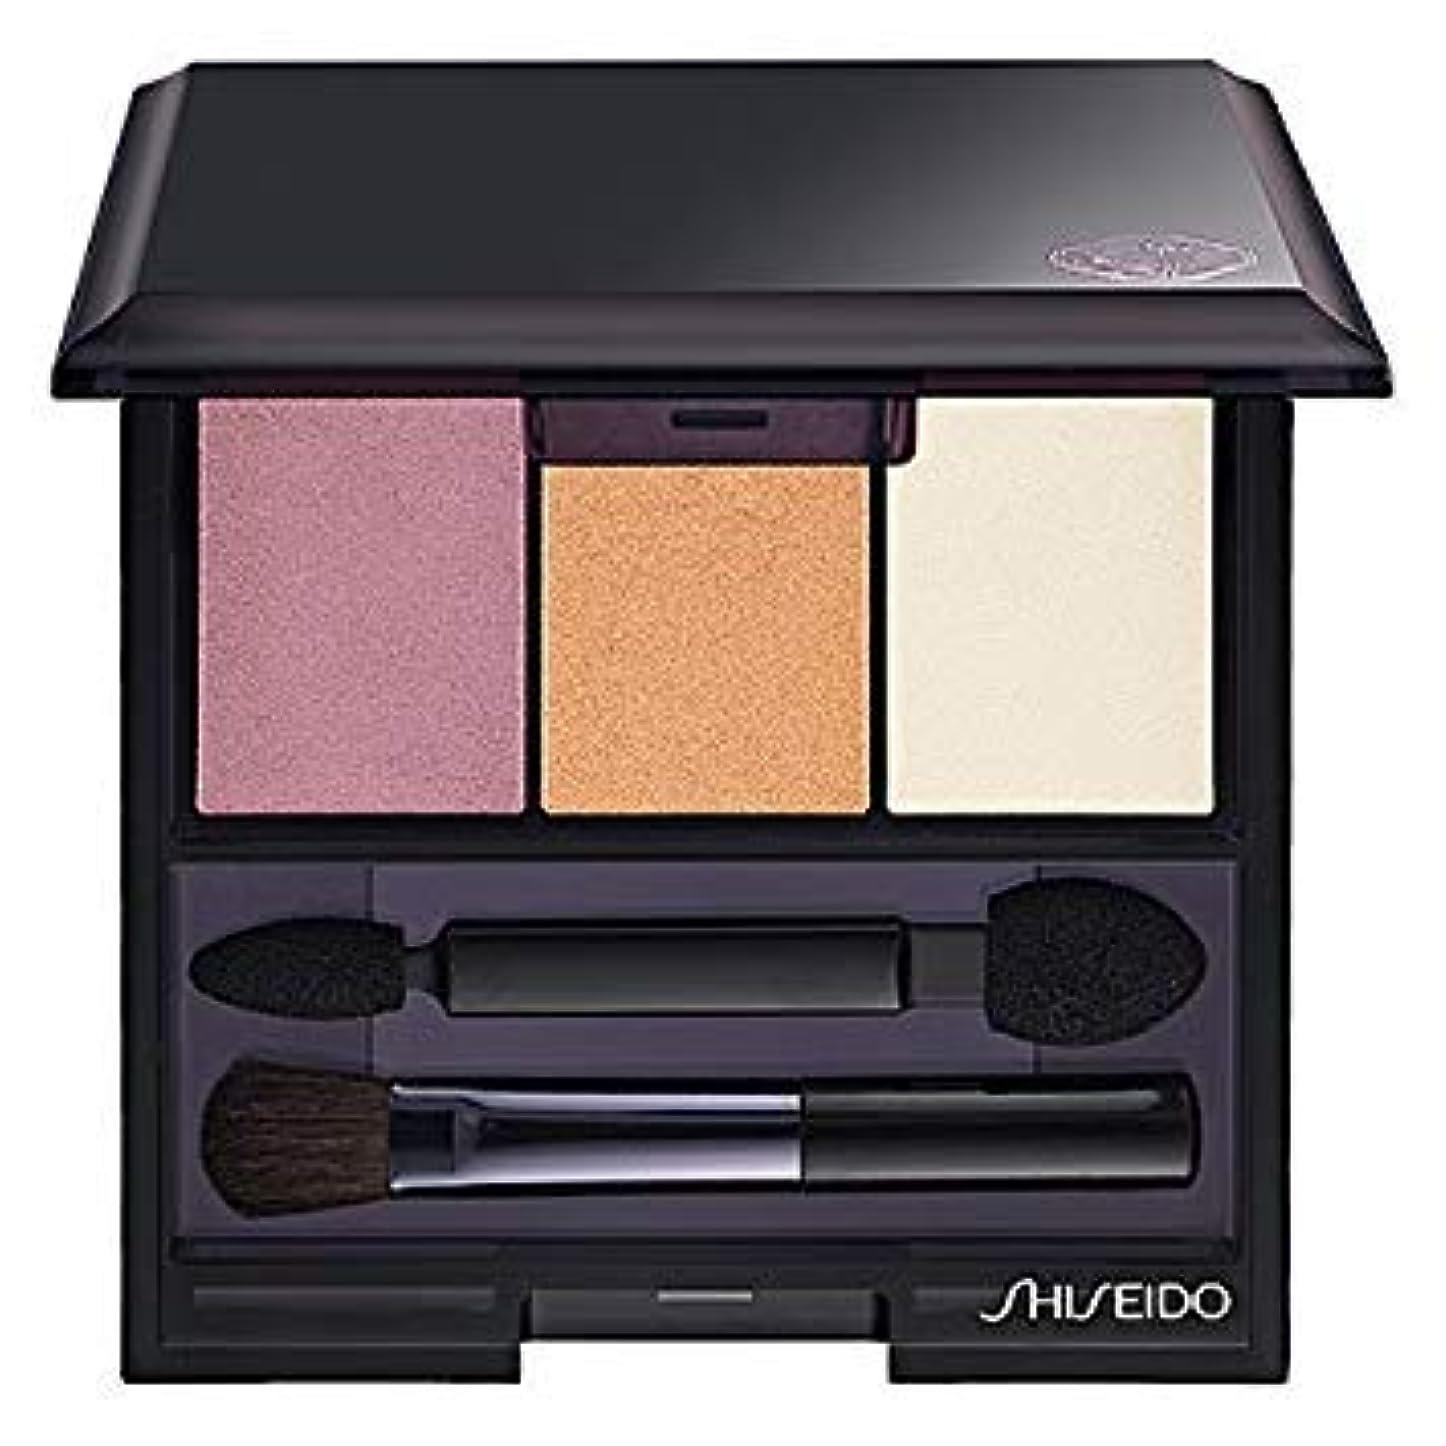 細心の上に現像資生堂 ルミナイジング サテン アイカラー トリオ RD299(Shiseido Luminizing Satin Eye Color Trio RD299) [並行輸入品]